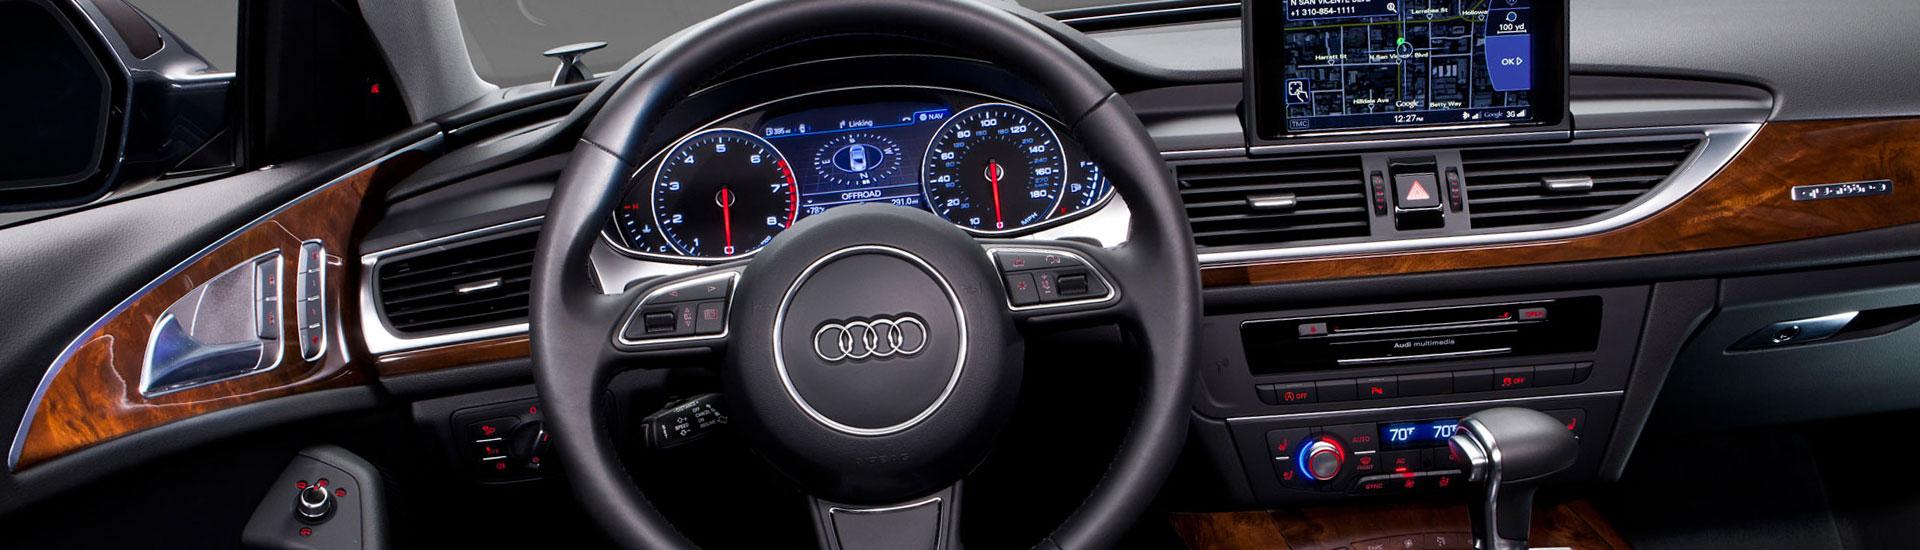 Audi Dash Kits Custom Audi Dash Kit - Audi custom